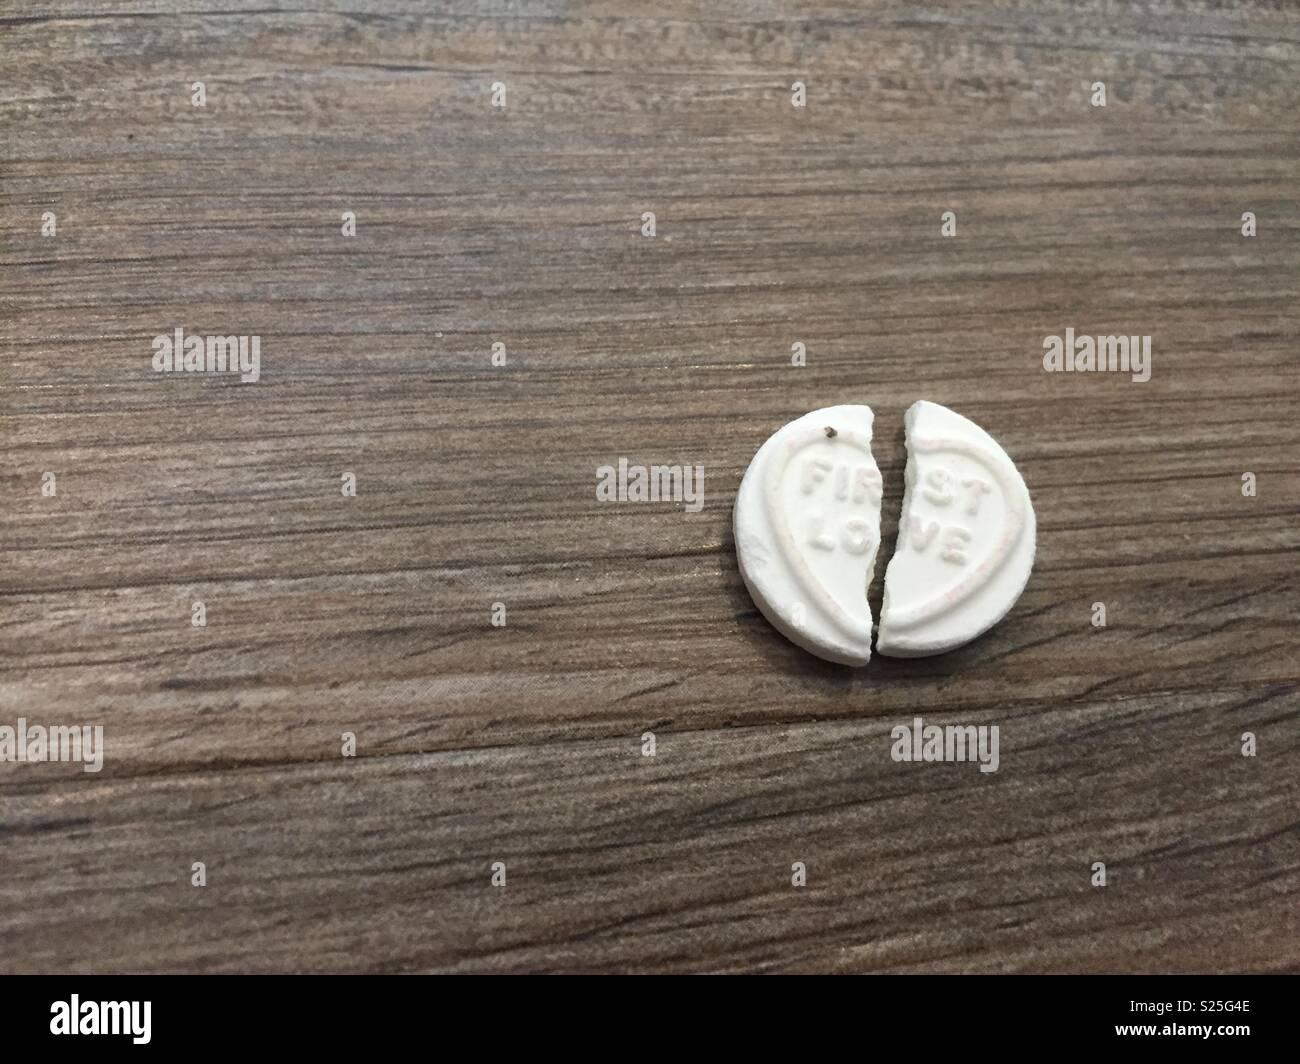 Ruptura de relaciones concepto (imagen de un amor dulce corazón roto en dos) Imagen De Stock